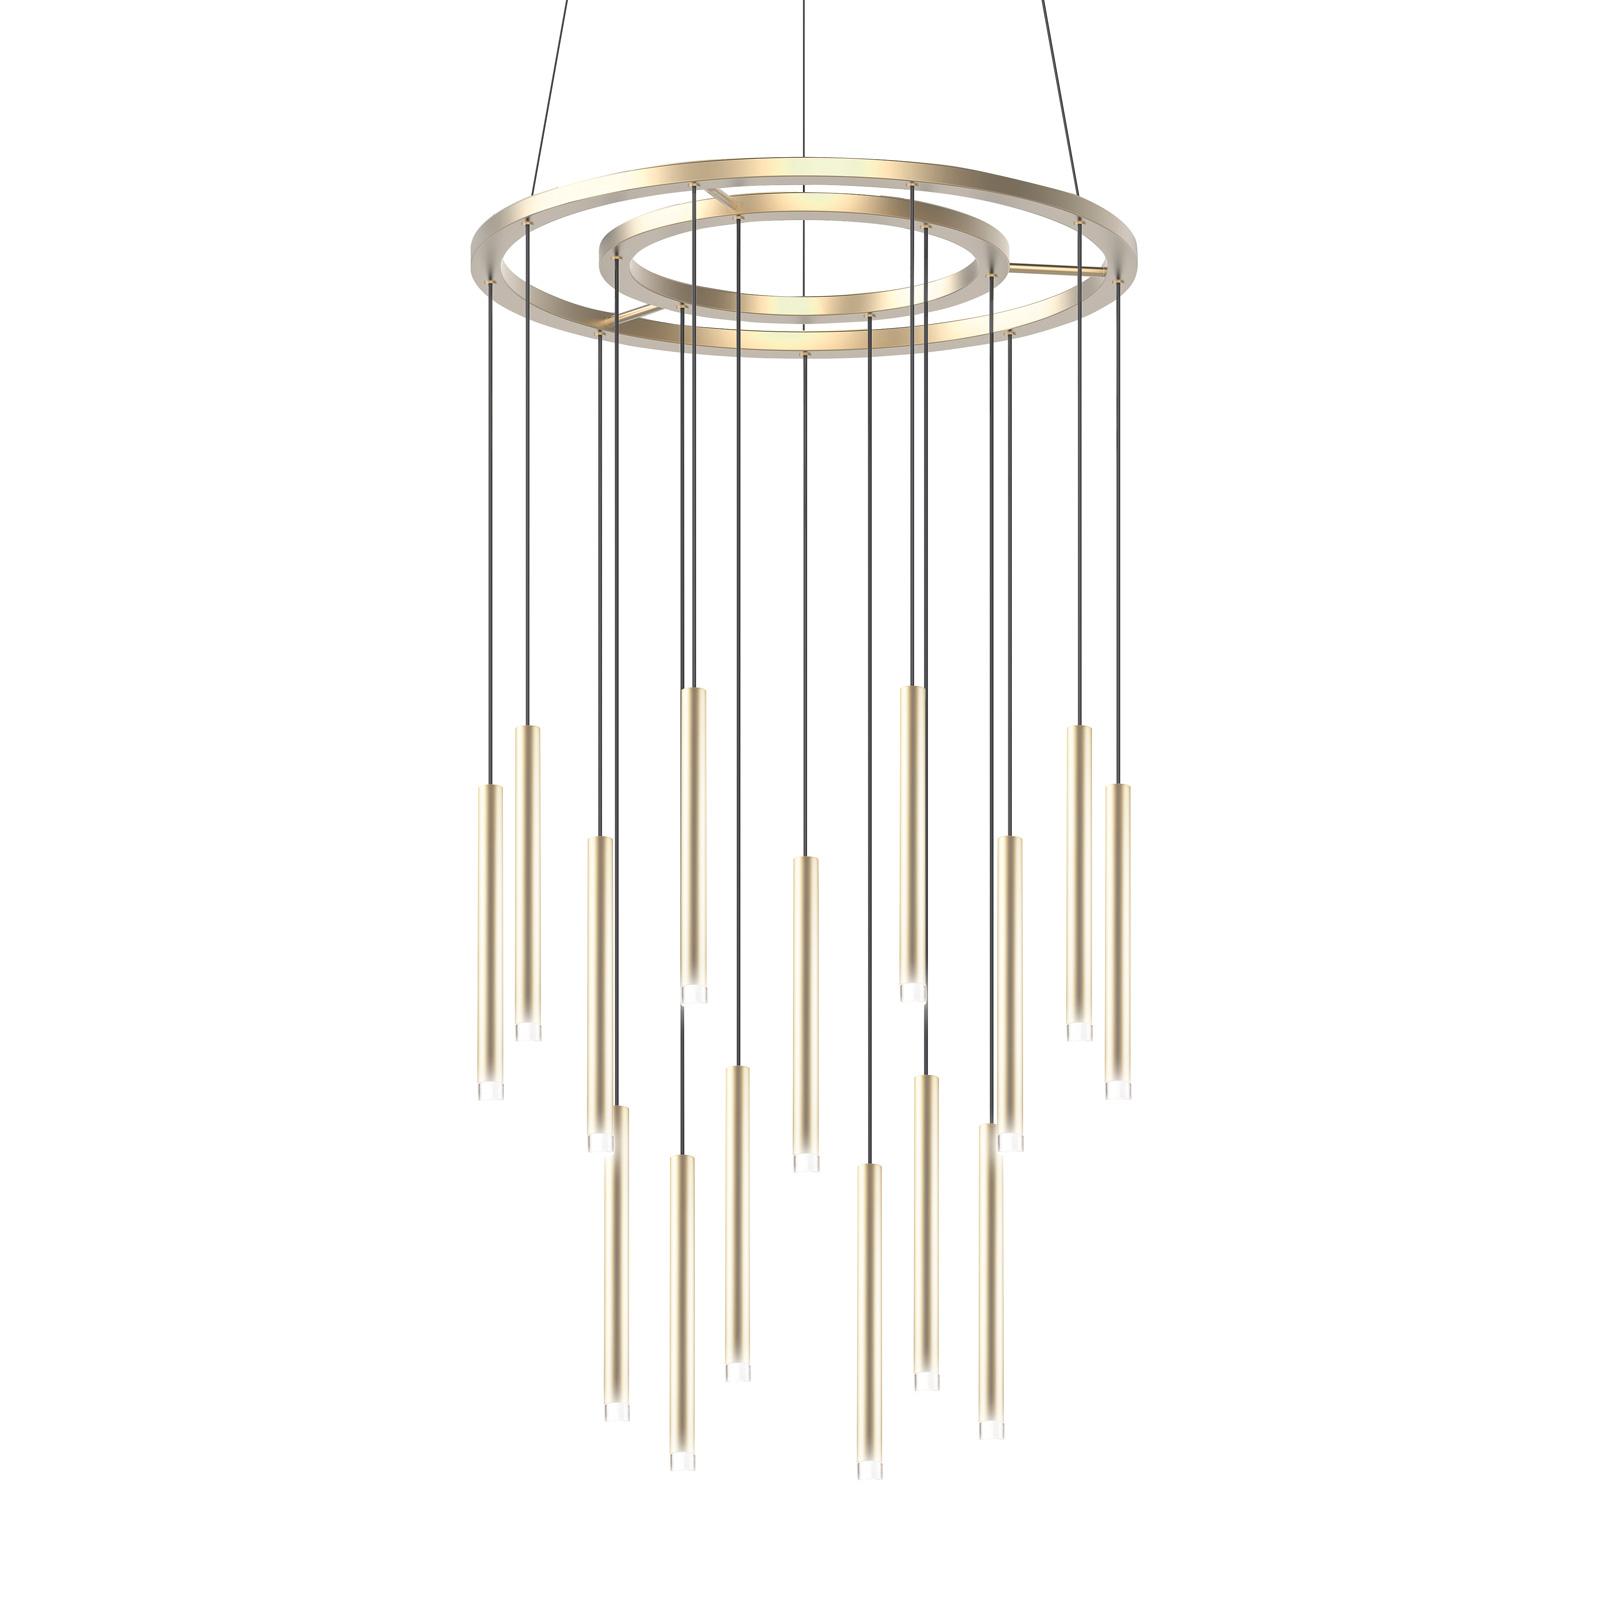 Grok Candle lampa wisząca LED, 18-pkt. złoty